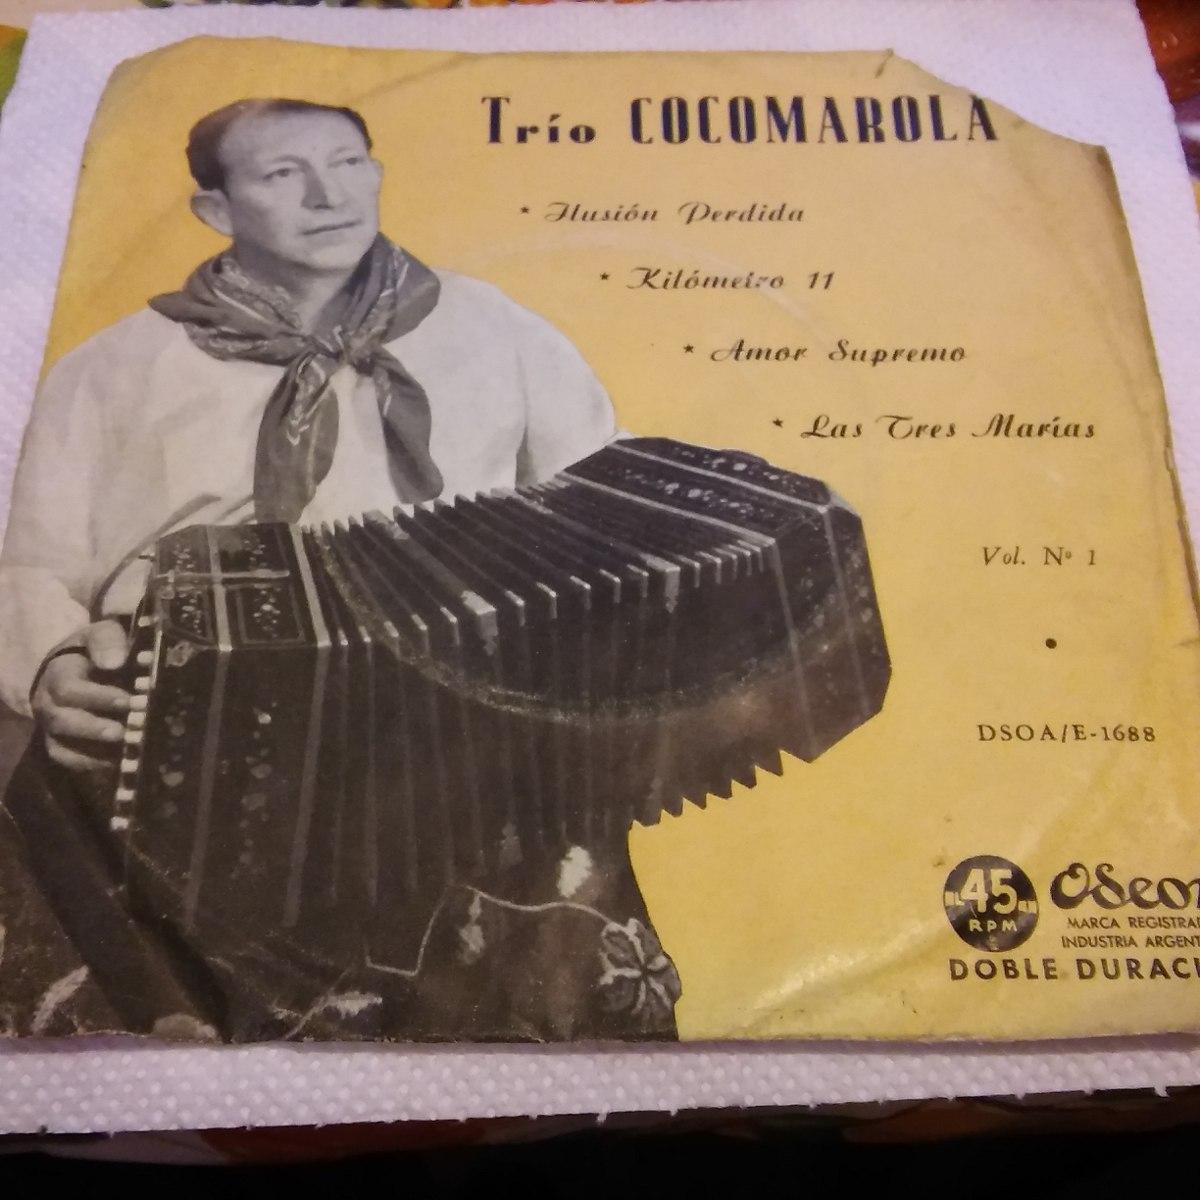 gratis discografia transito cocomarola